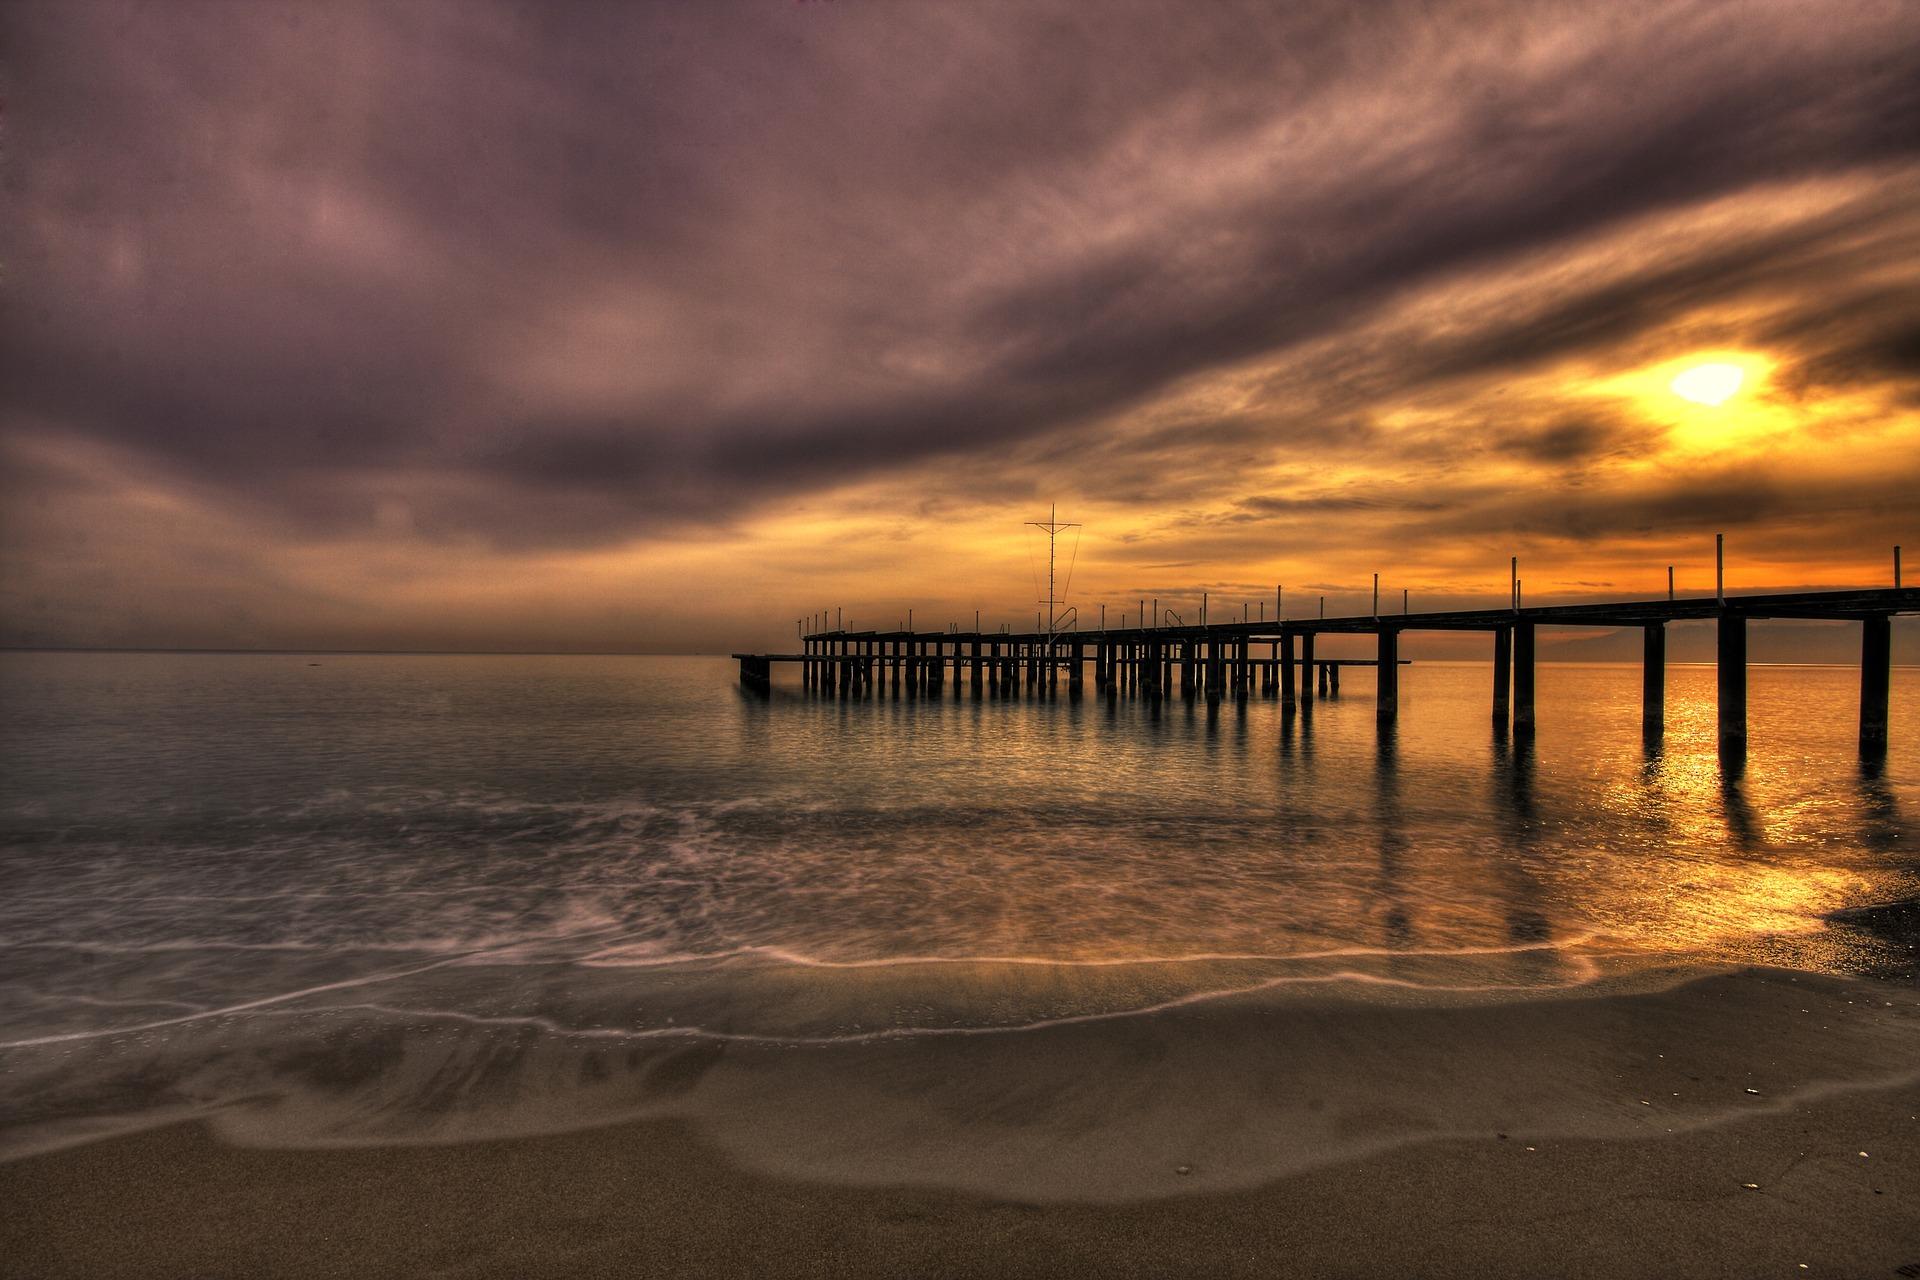 pier into ocean